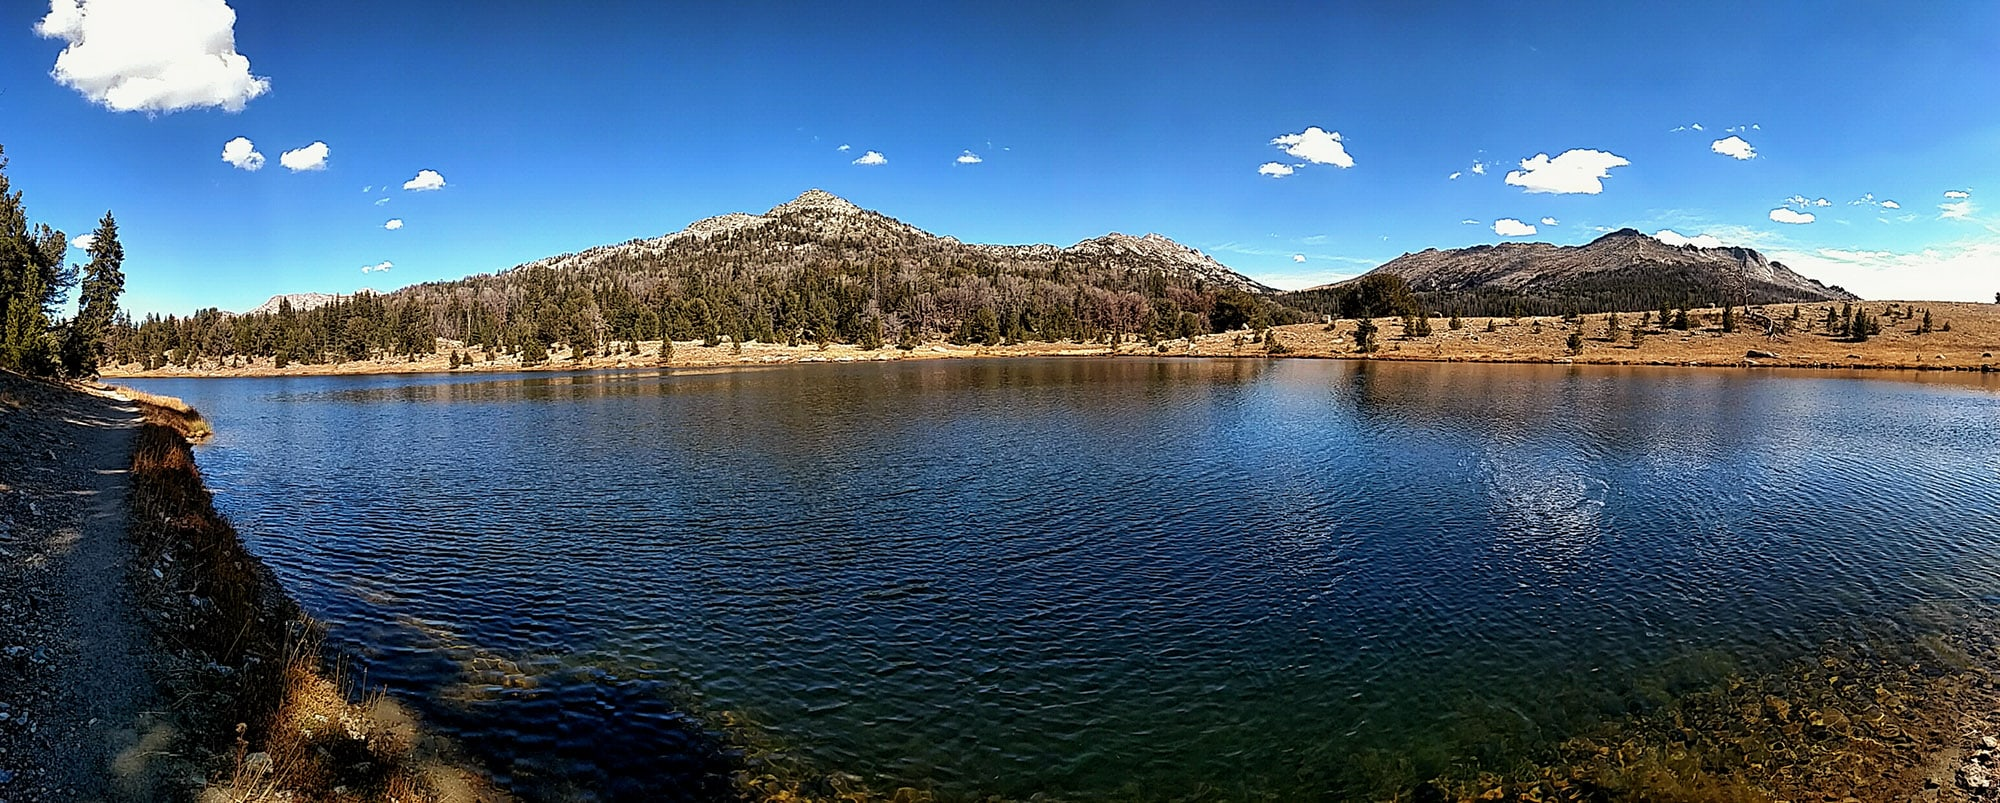 Mirror Lake, Wyoming in fall